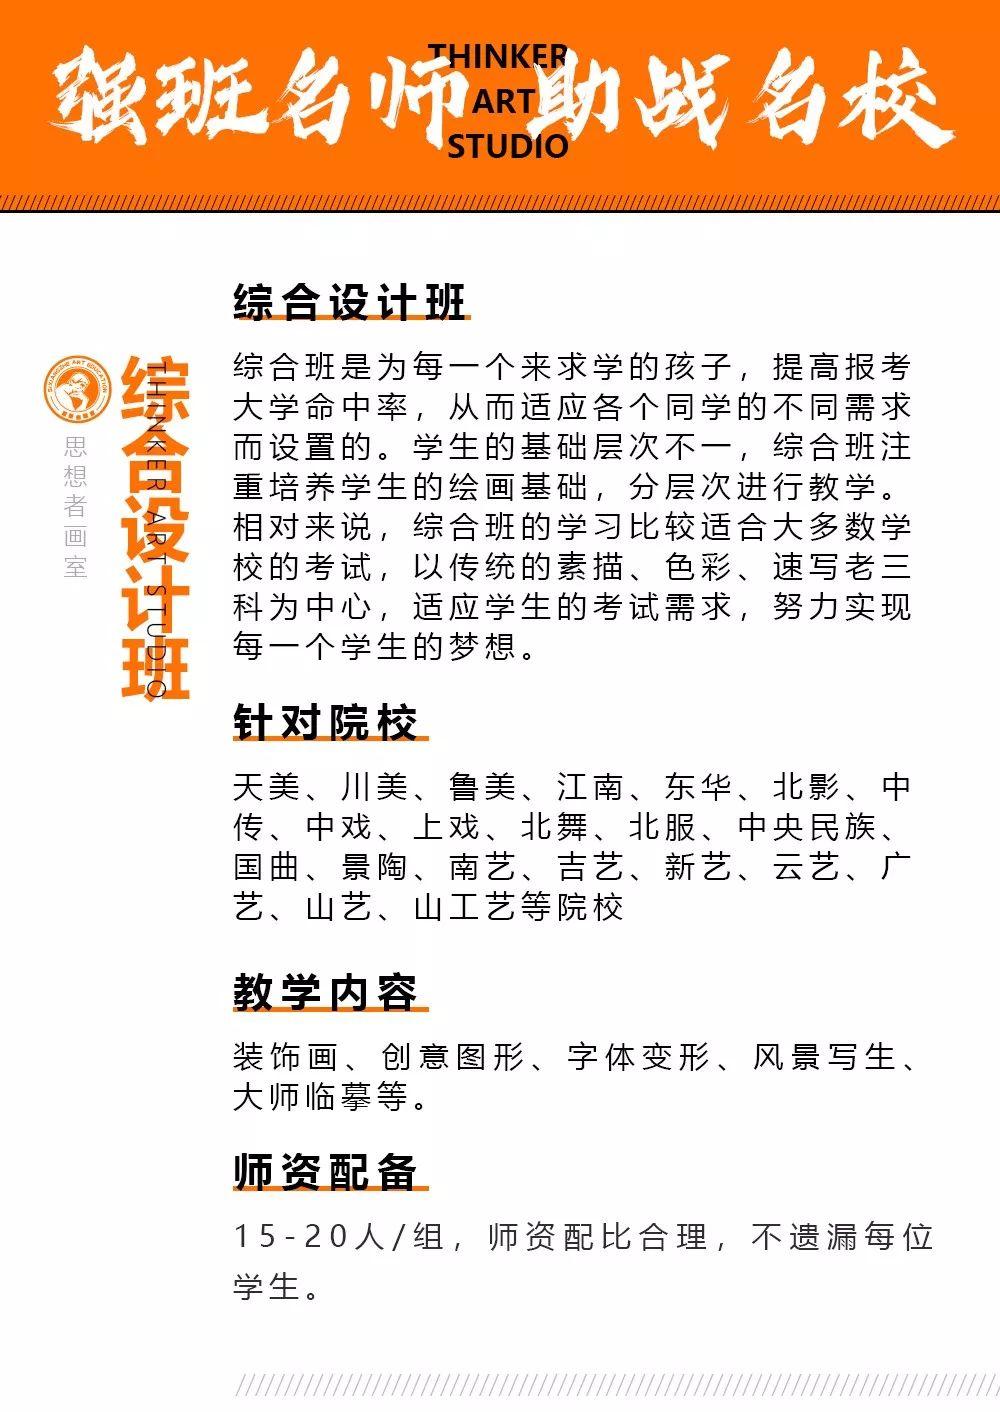 北京思想者画室预报名开启,北京画室招生,北京美术画室    19